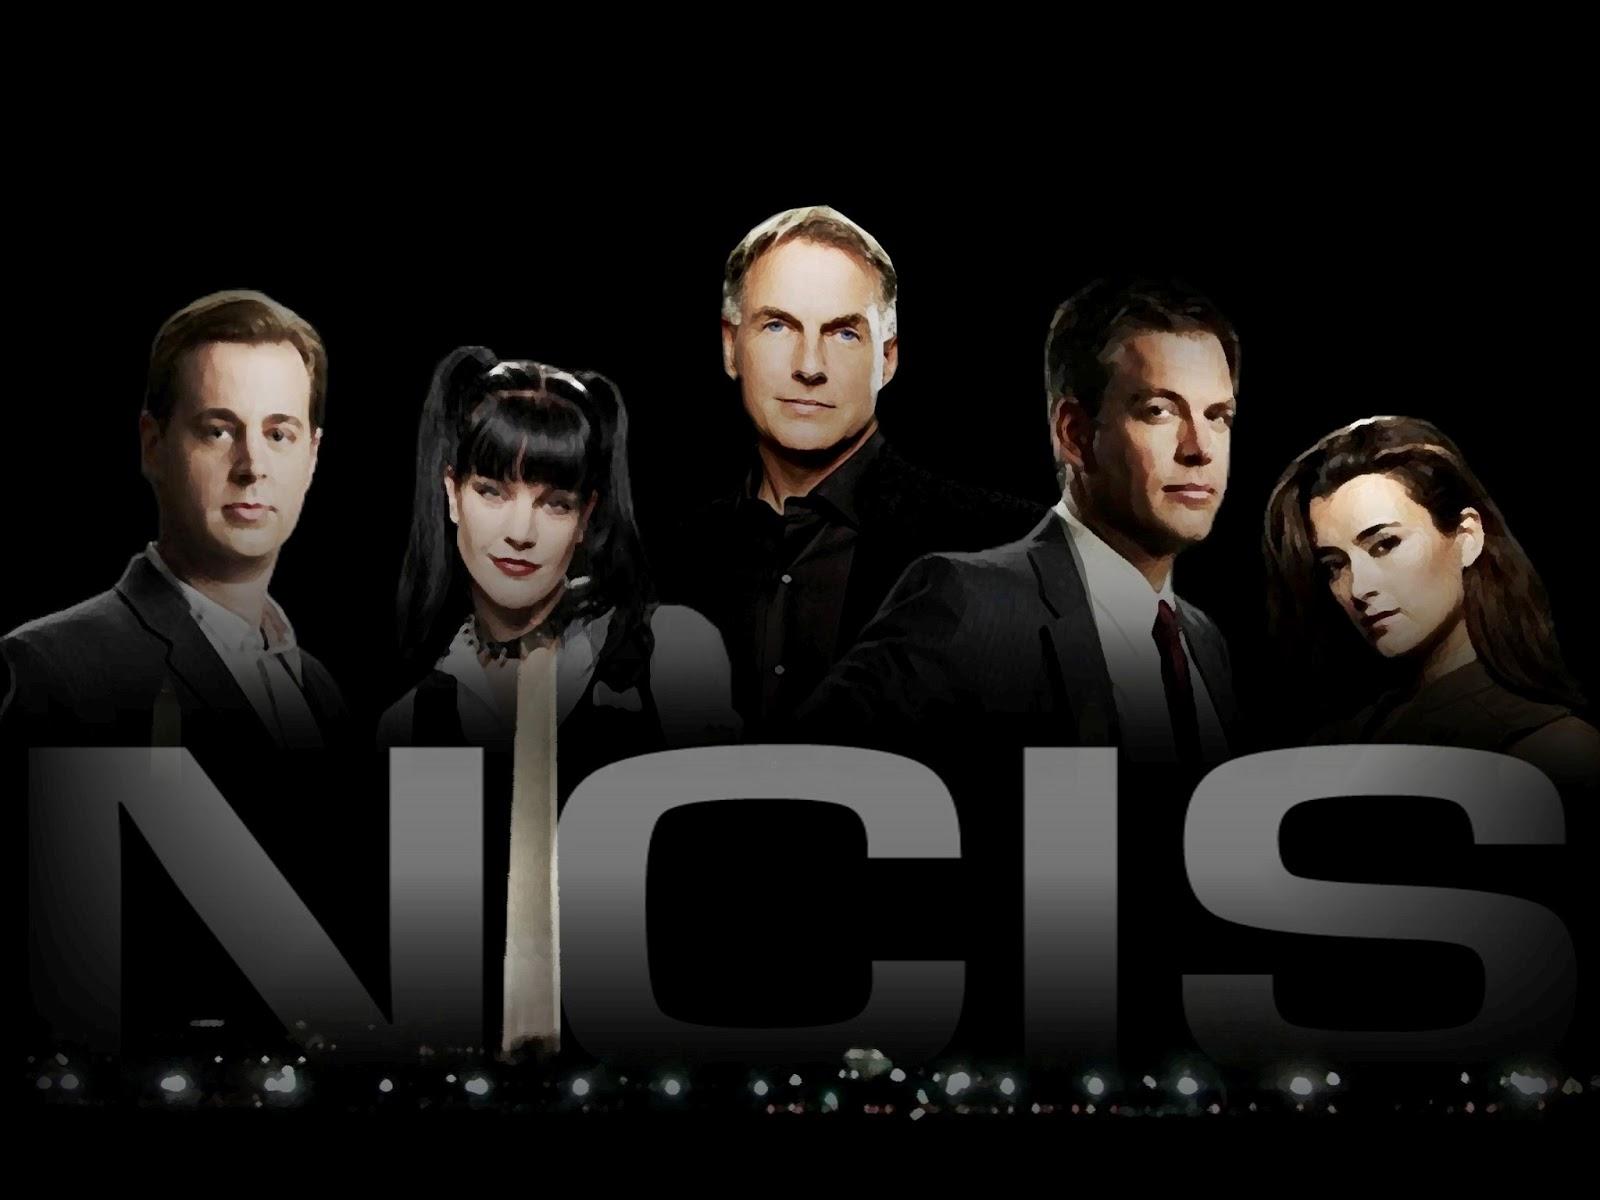 NCIS-ncis-6825468-2240-1680.jpg